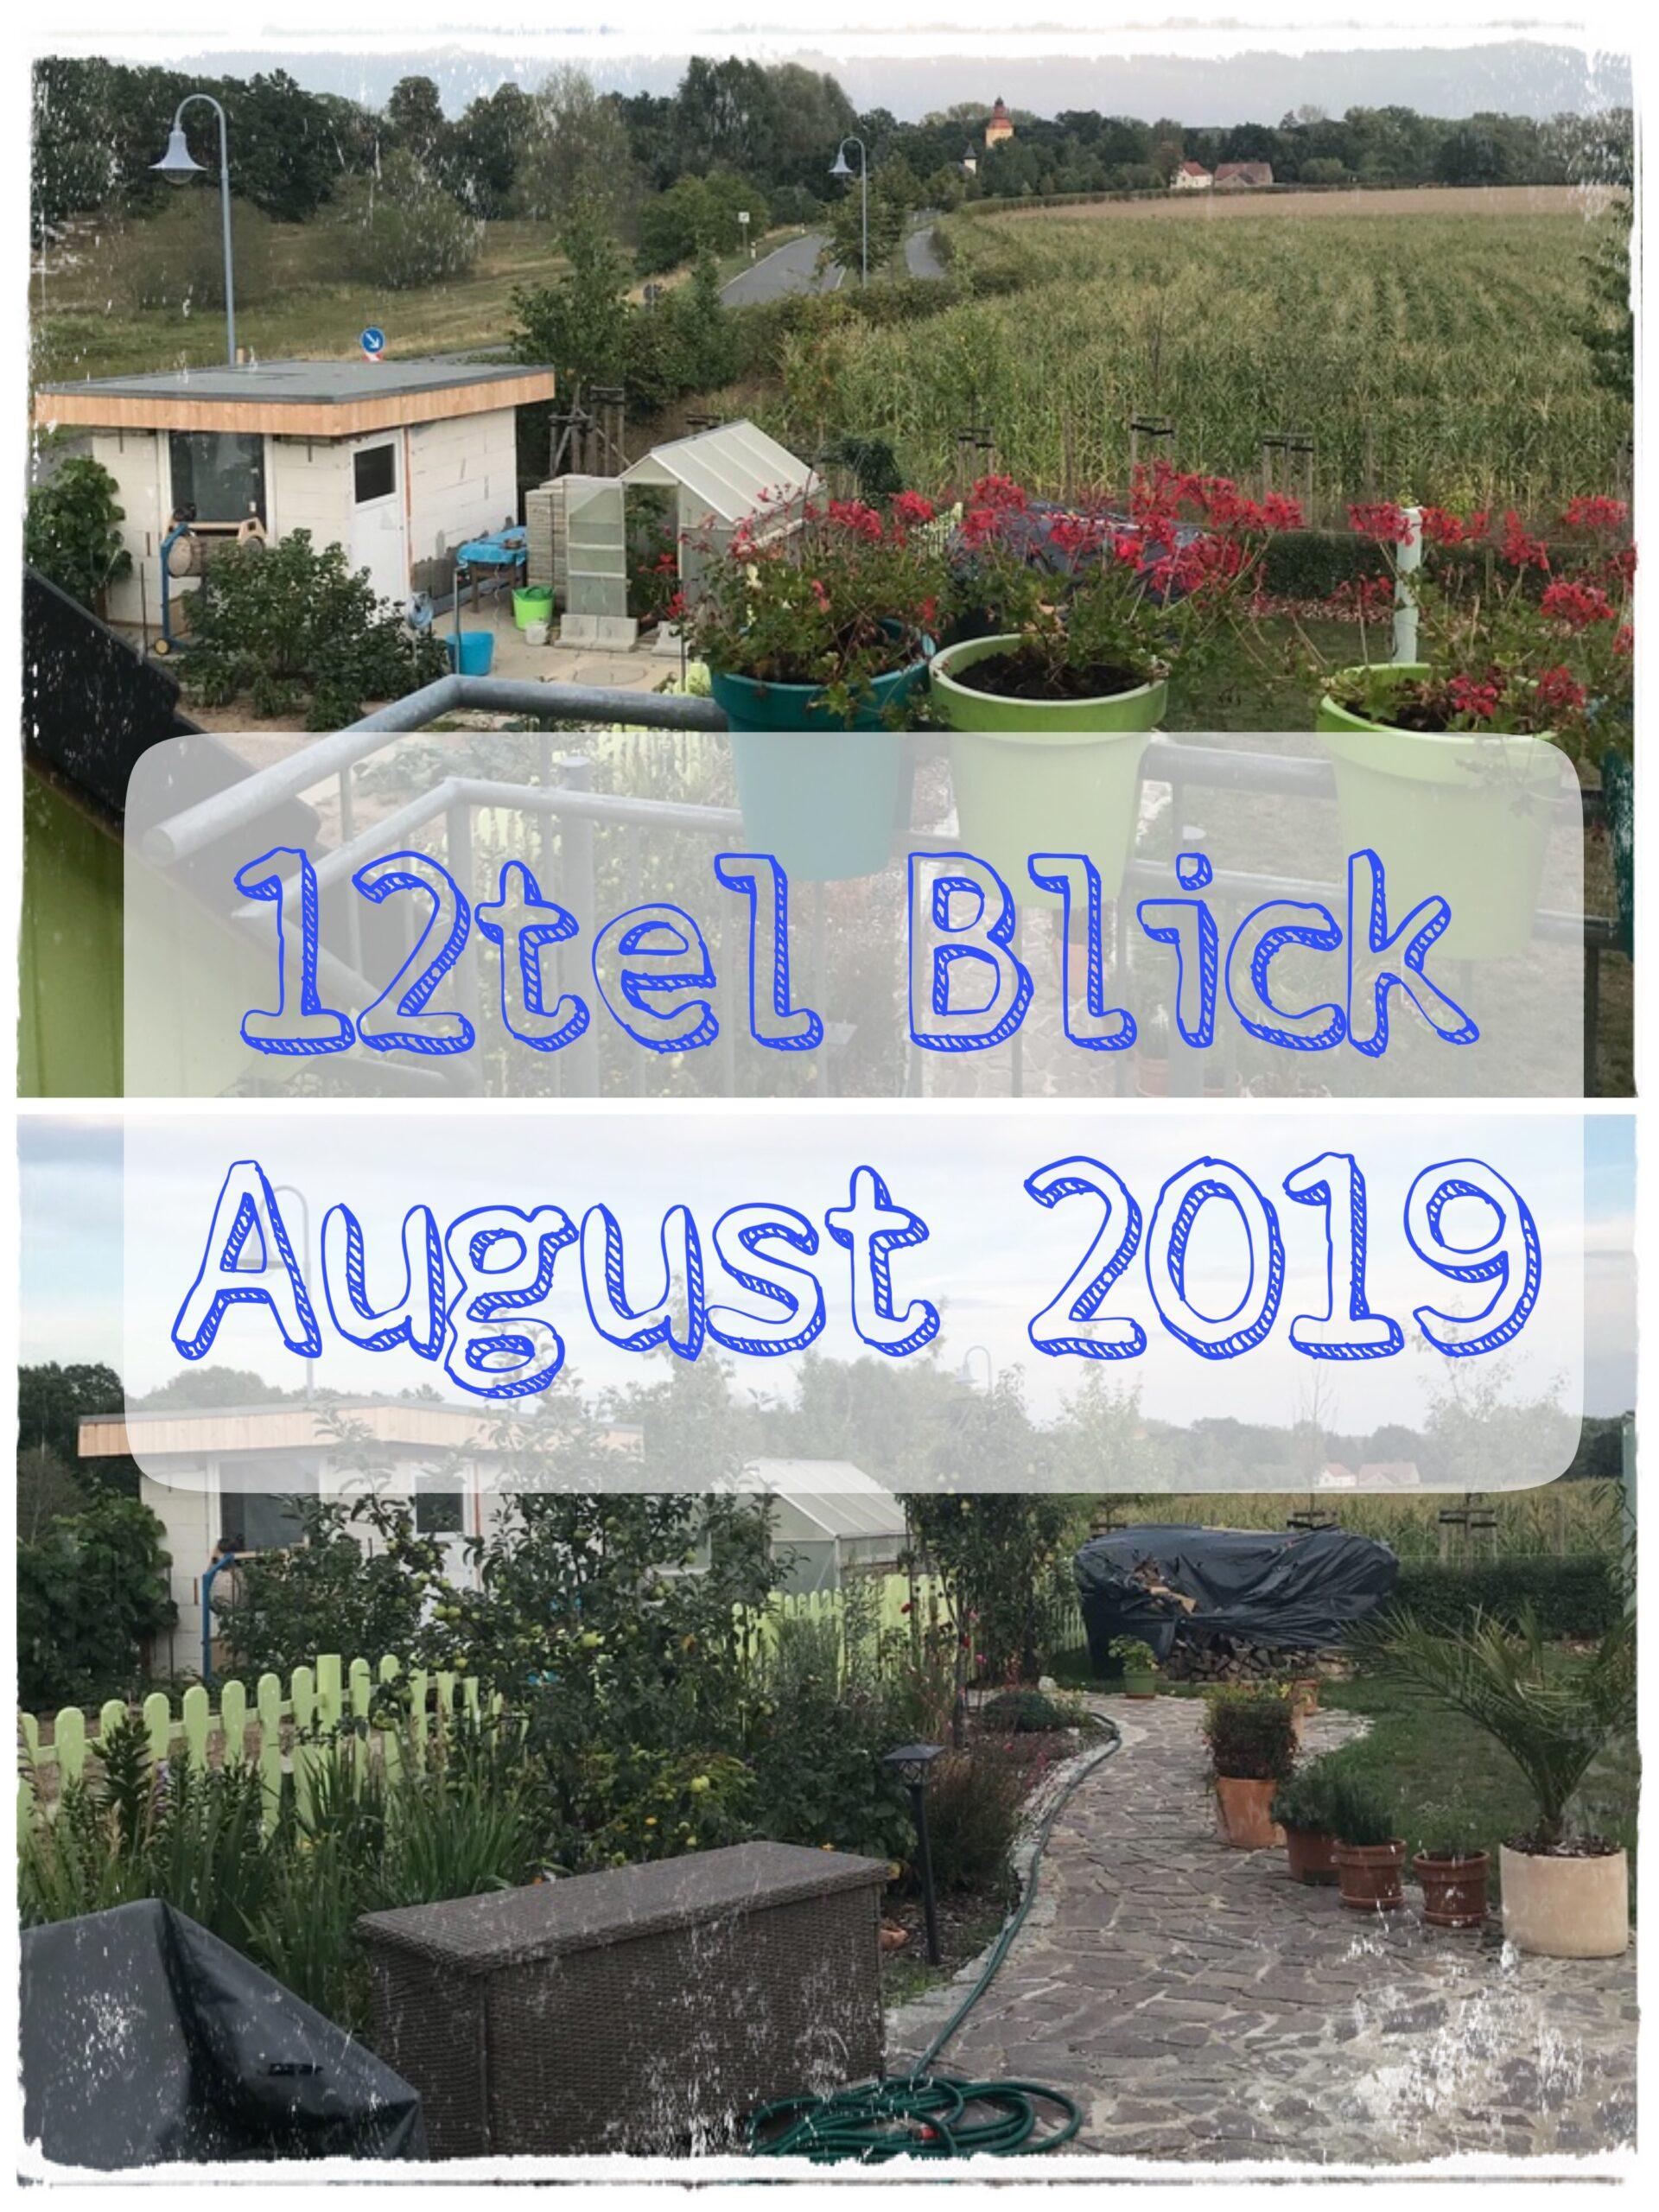 12tel Blick August 2019